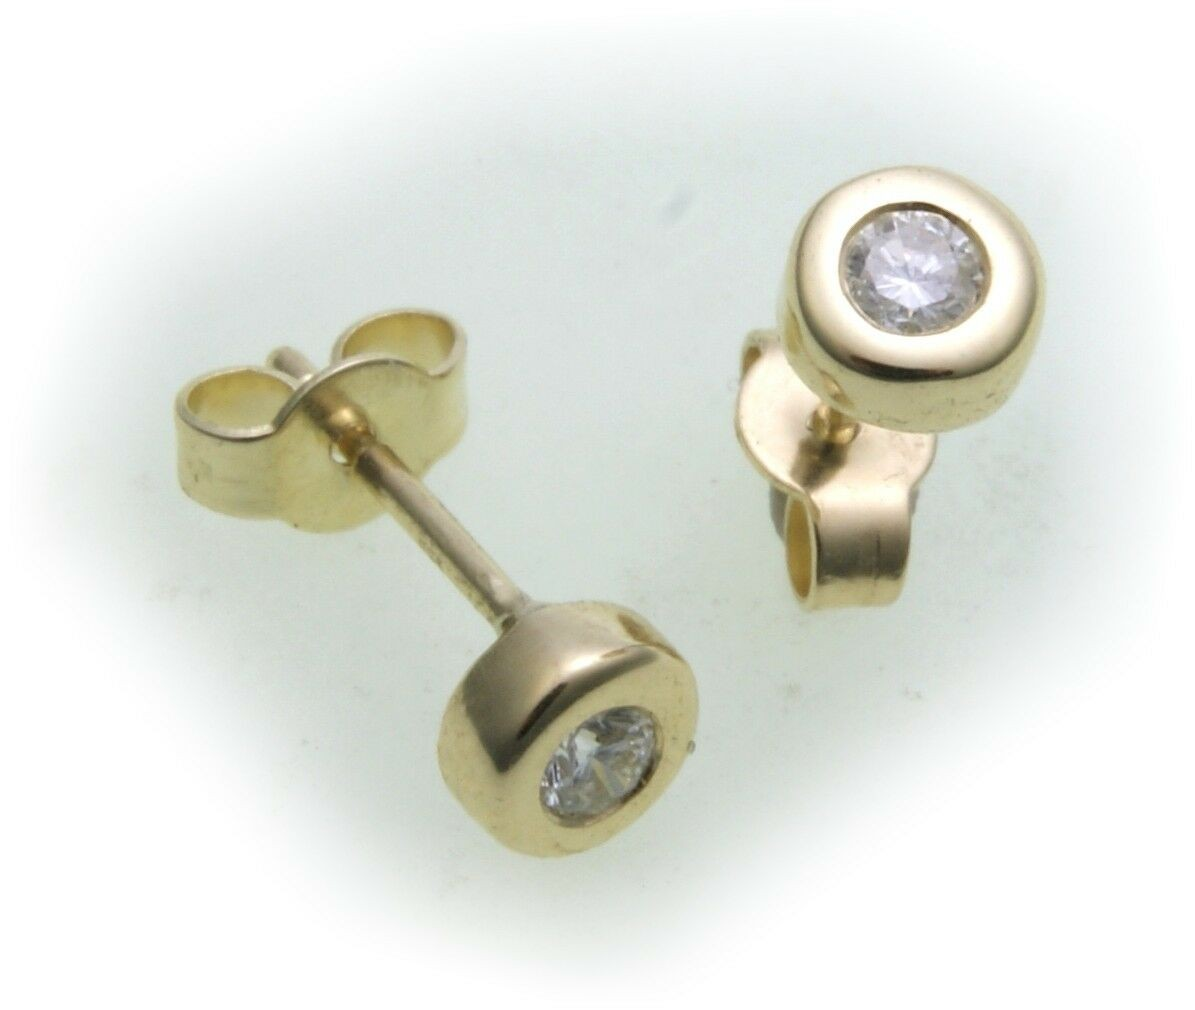 Damen Ohrringe Ohrstecker echt Gold 750 Brillant 0,15 ct Gelbgold 18 kt Diamant